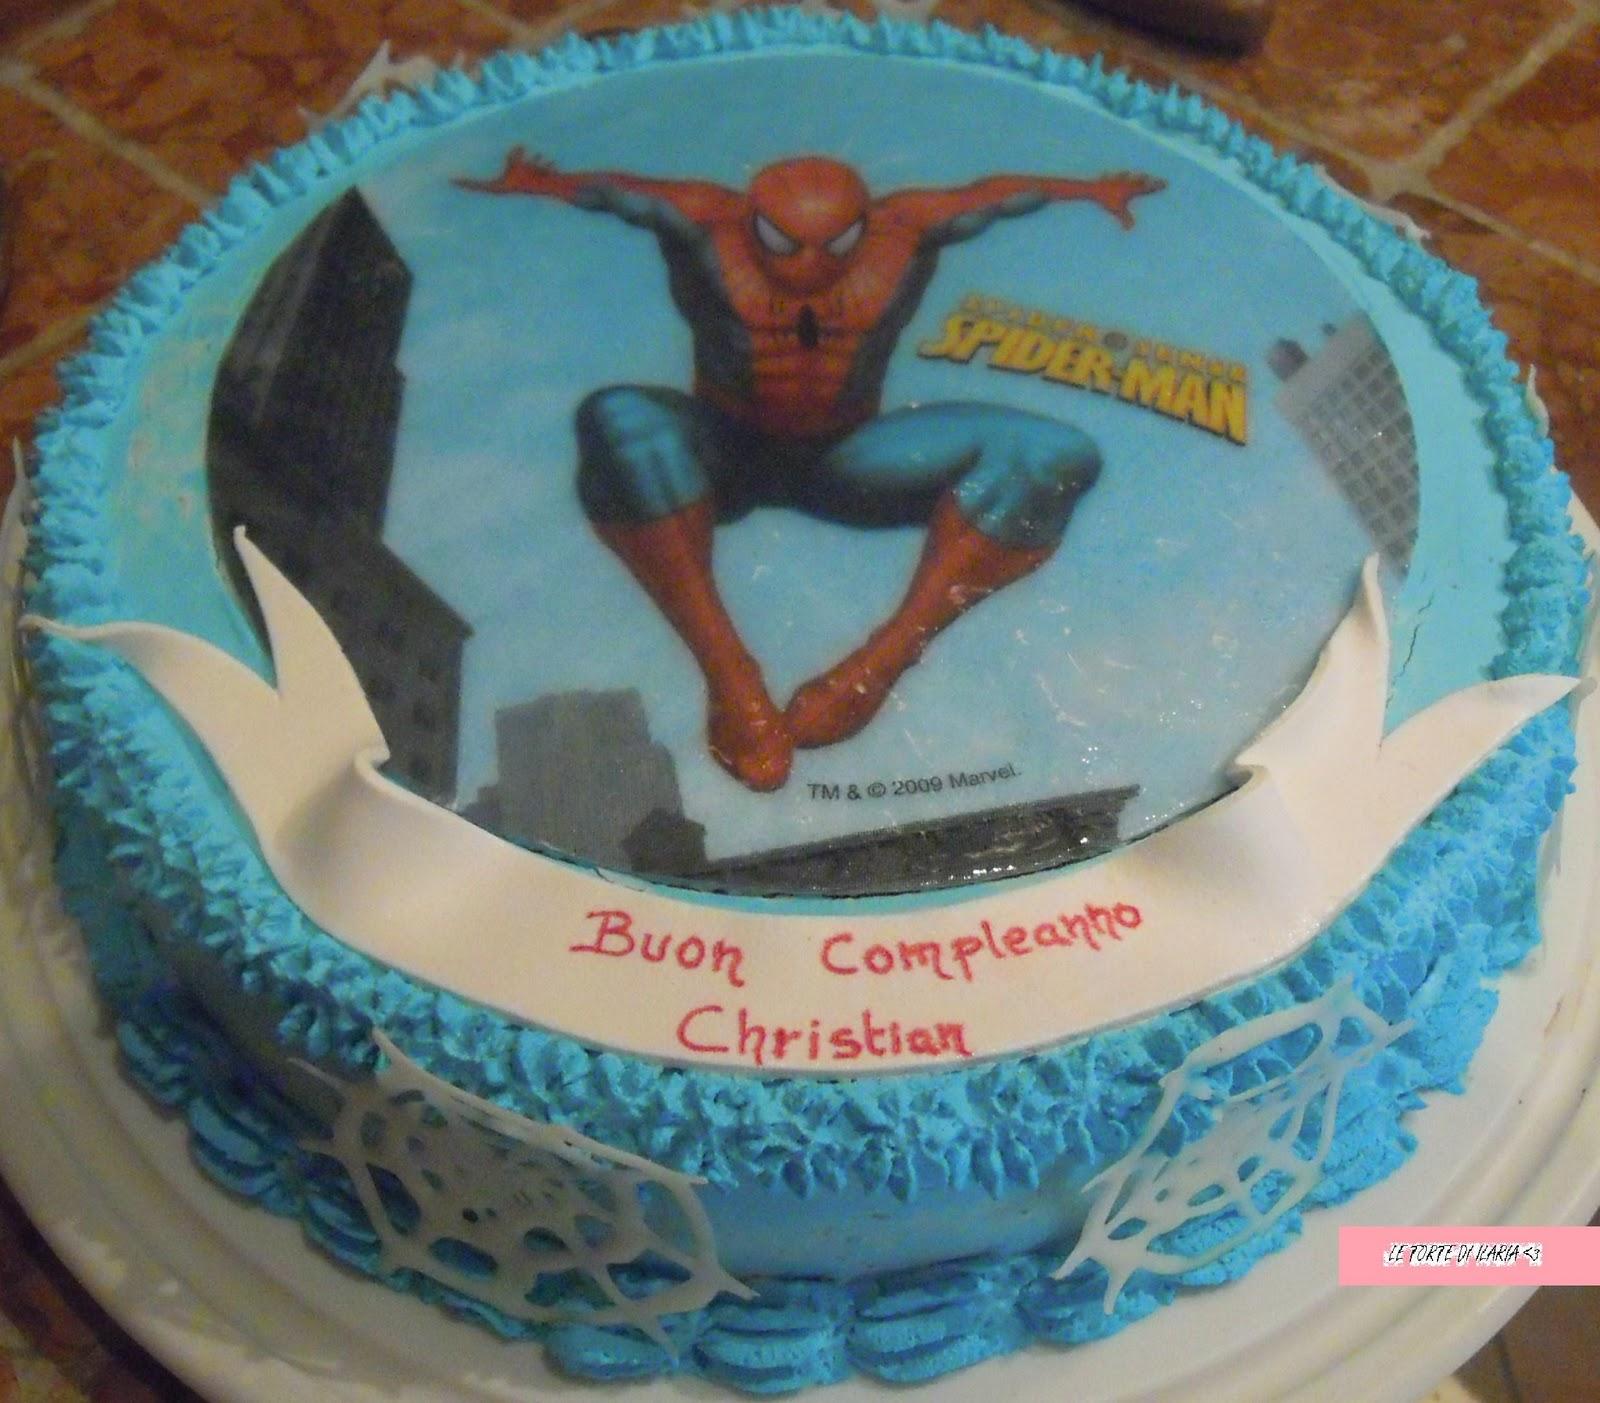 Le torte di ilaria una torta alla michael bubl for Decorazione torte spiderman